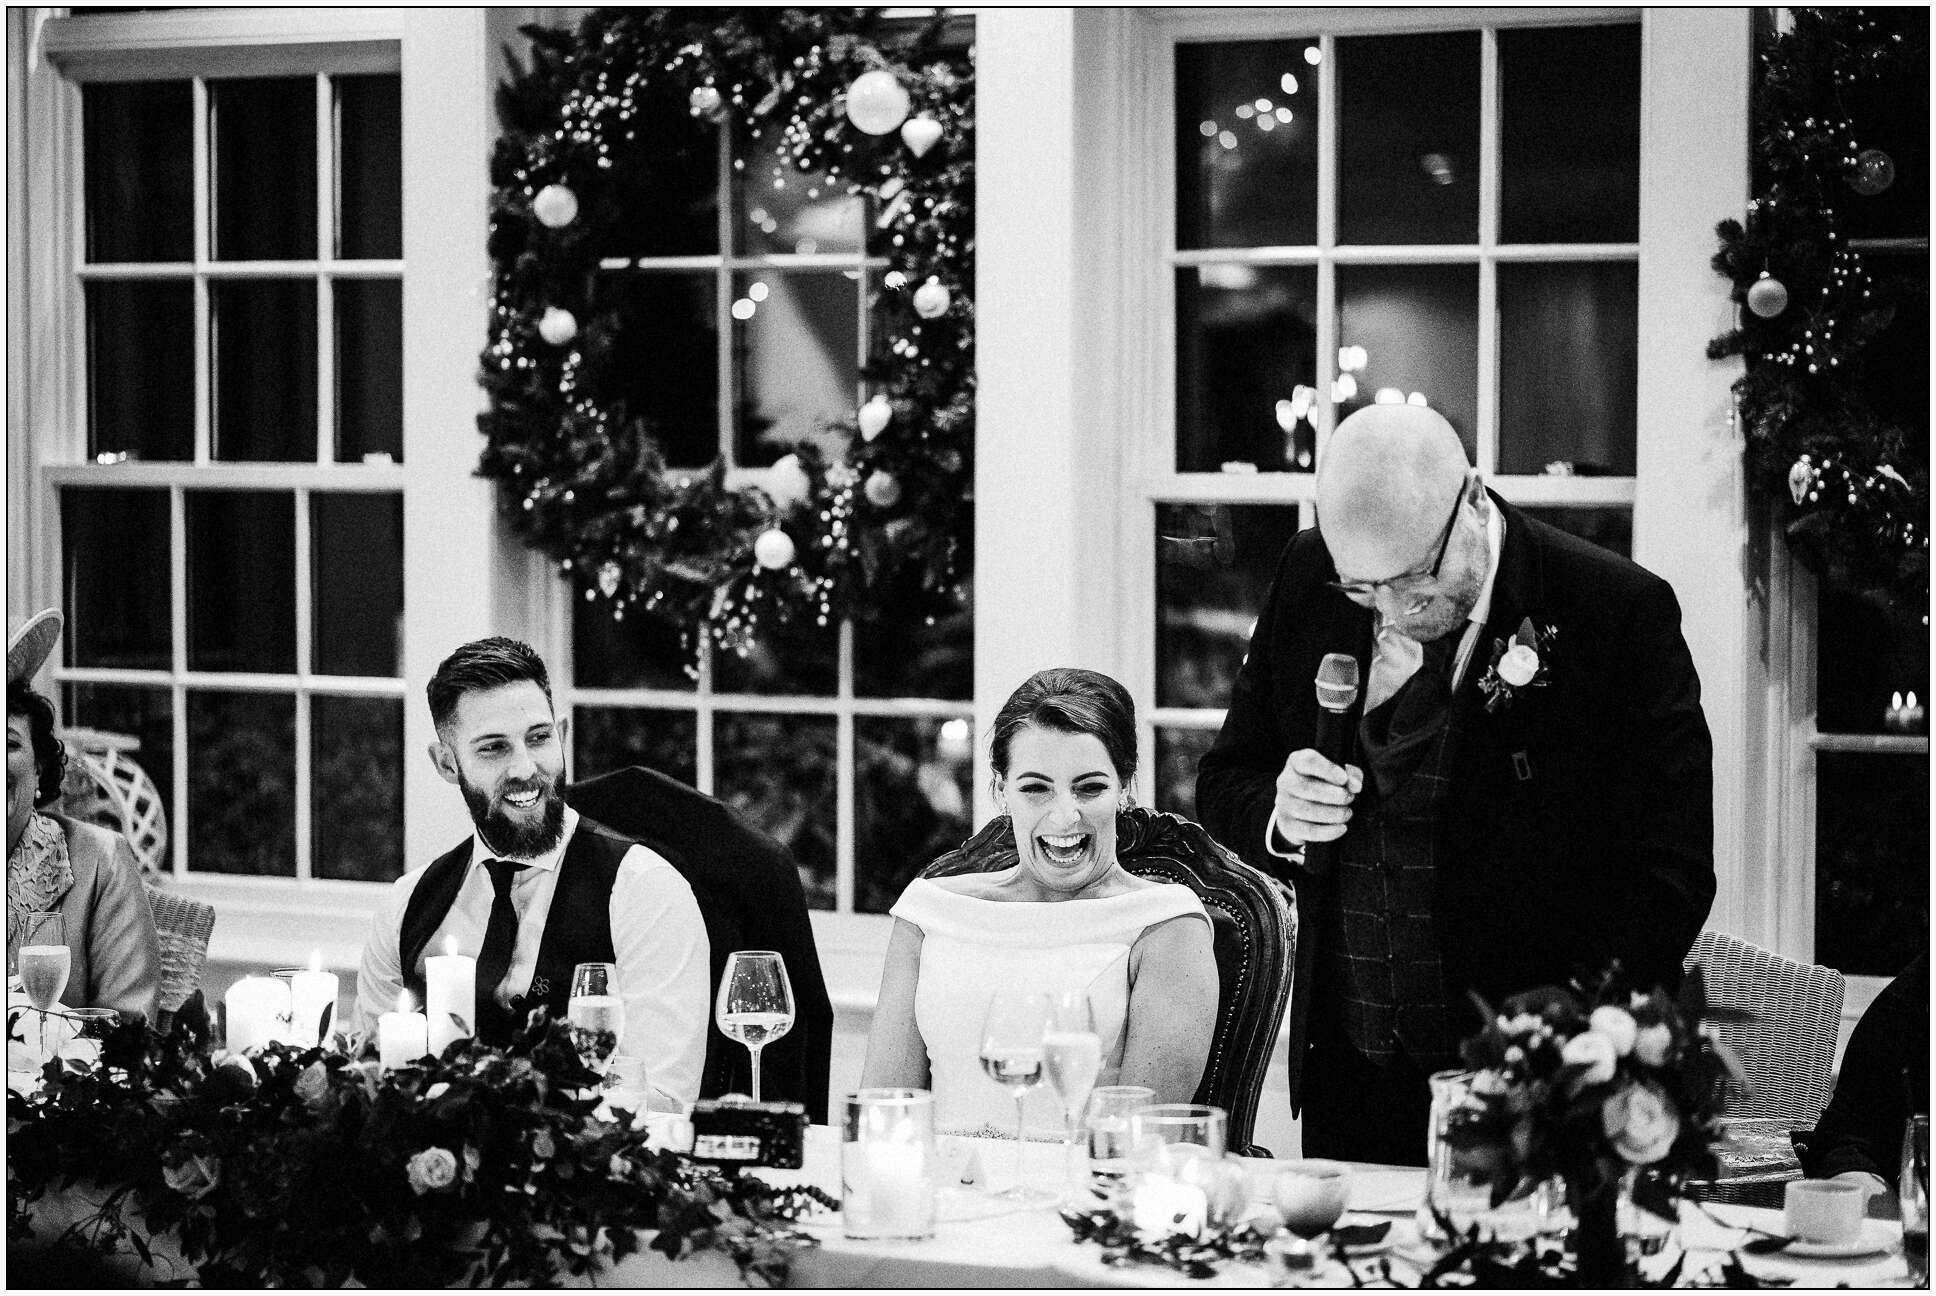 Mitton_Hall_Christmas_Wedding-51.jpg